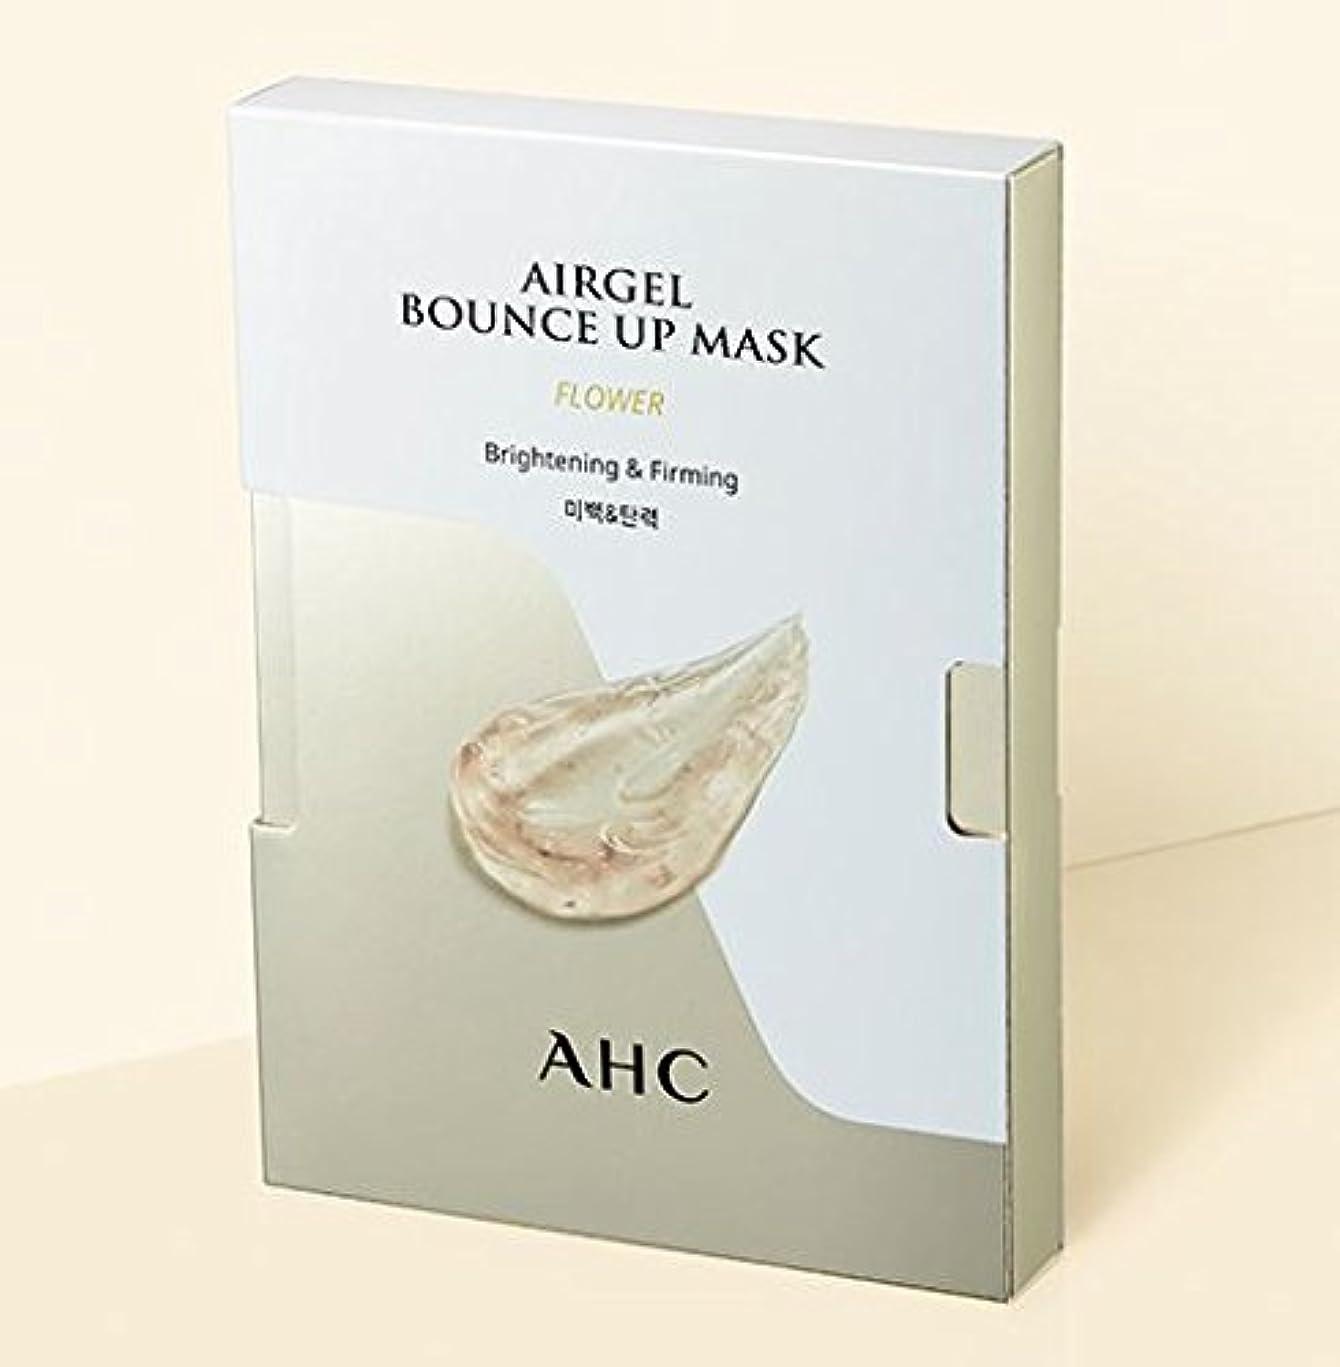 ステートメント軽食抵当[A.H.C] Airgel Bounce Up Mask FLOWER (Brightening&Firming)30g*5sheet/フラワーエアゲルマスク30g*5枚 [並行輸入品]